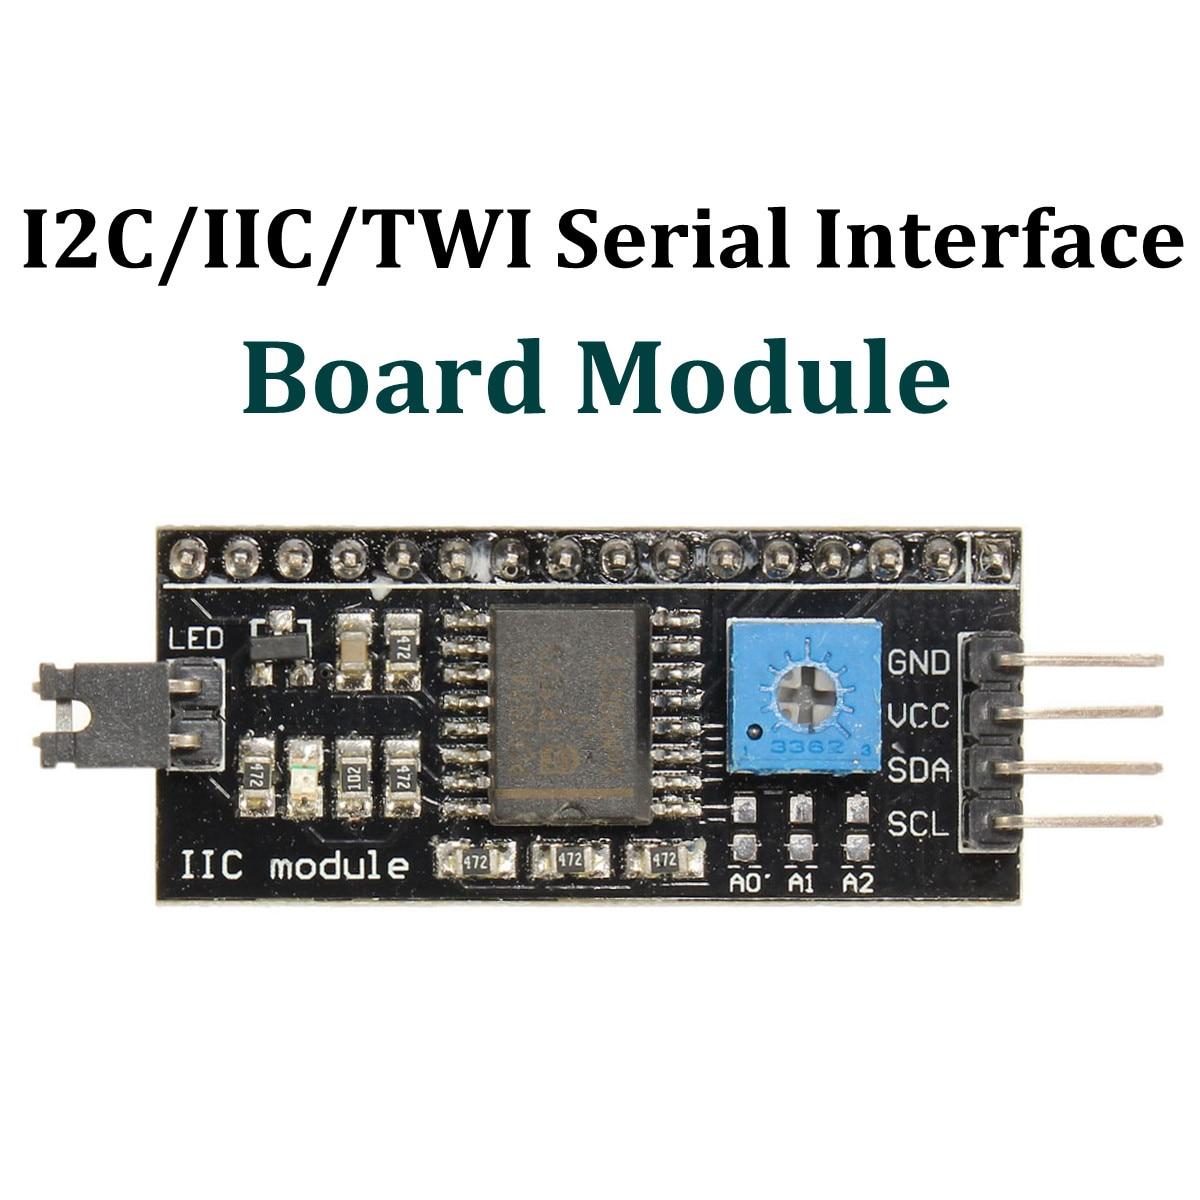 Gewissenhaft Neue Ankunft I2c/iic/twi Serielle Interface Board Modul Für Arduino R3 Lcd 1602 Display 54x19mm 5 V Heißer Verkauf Optoelektronische Displays